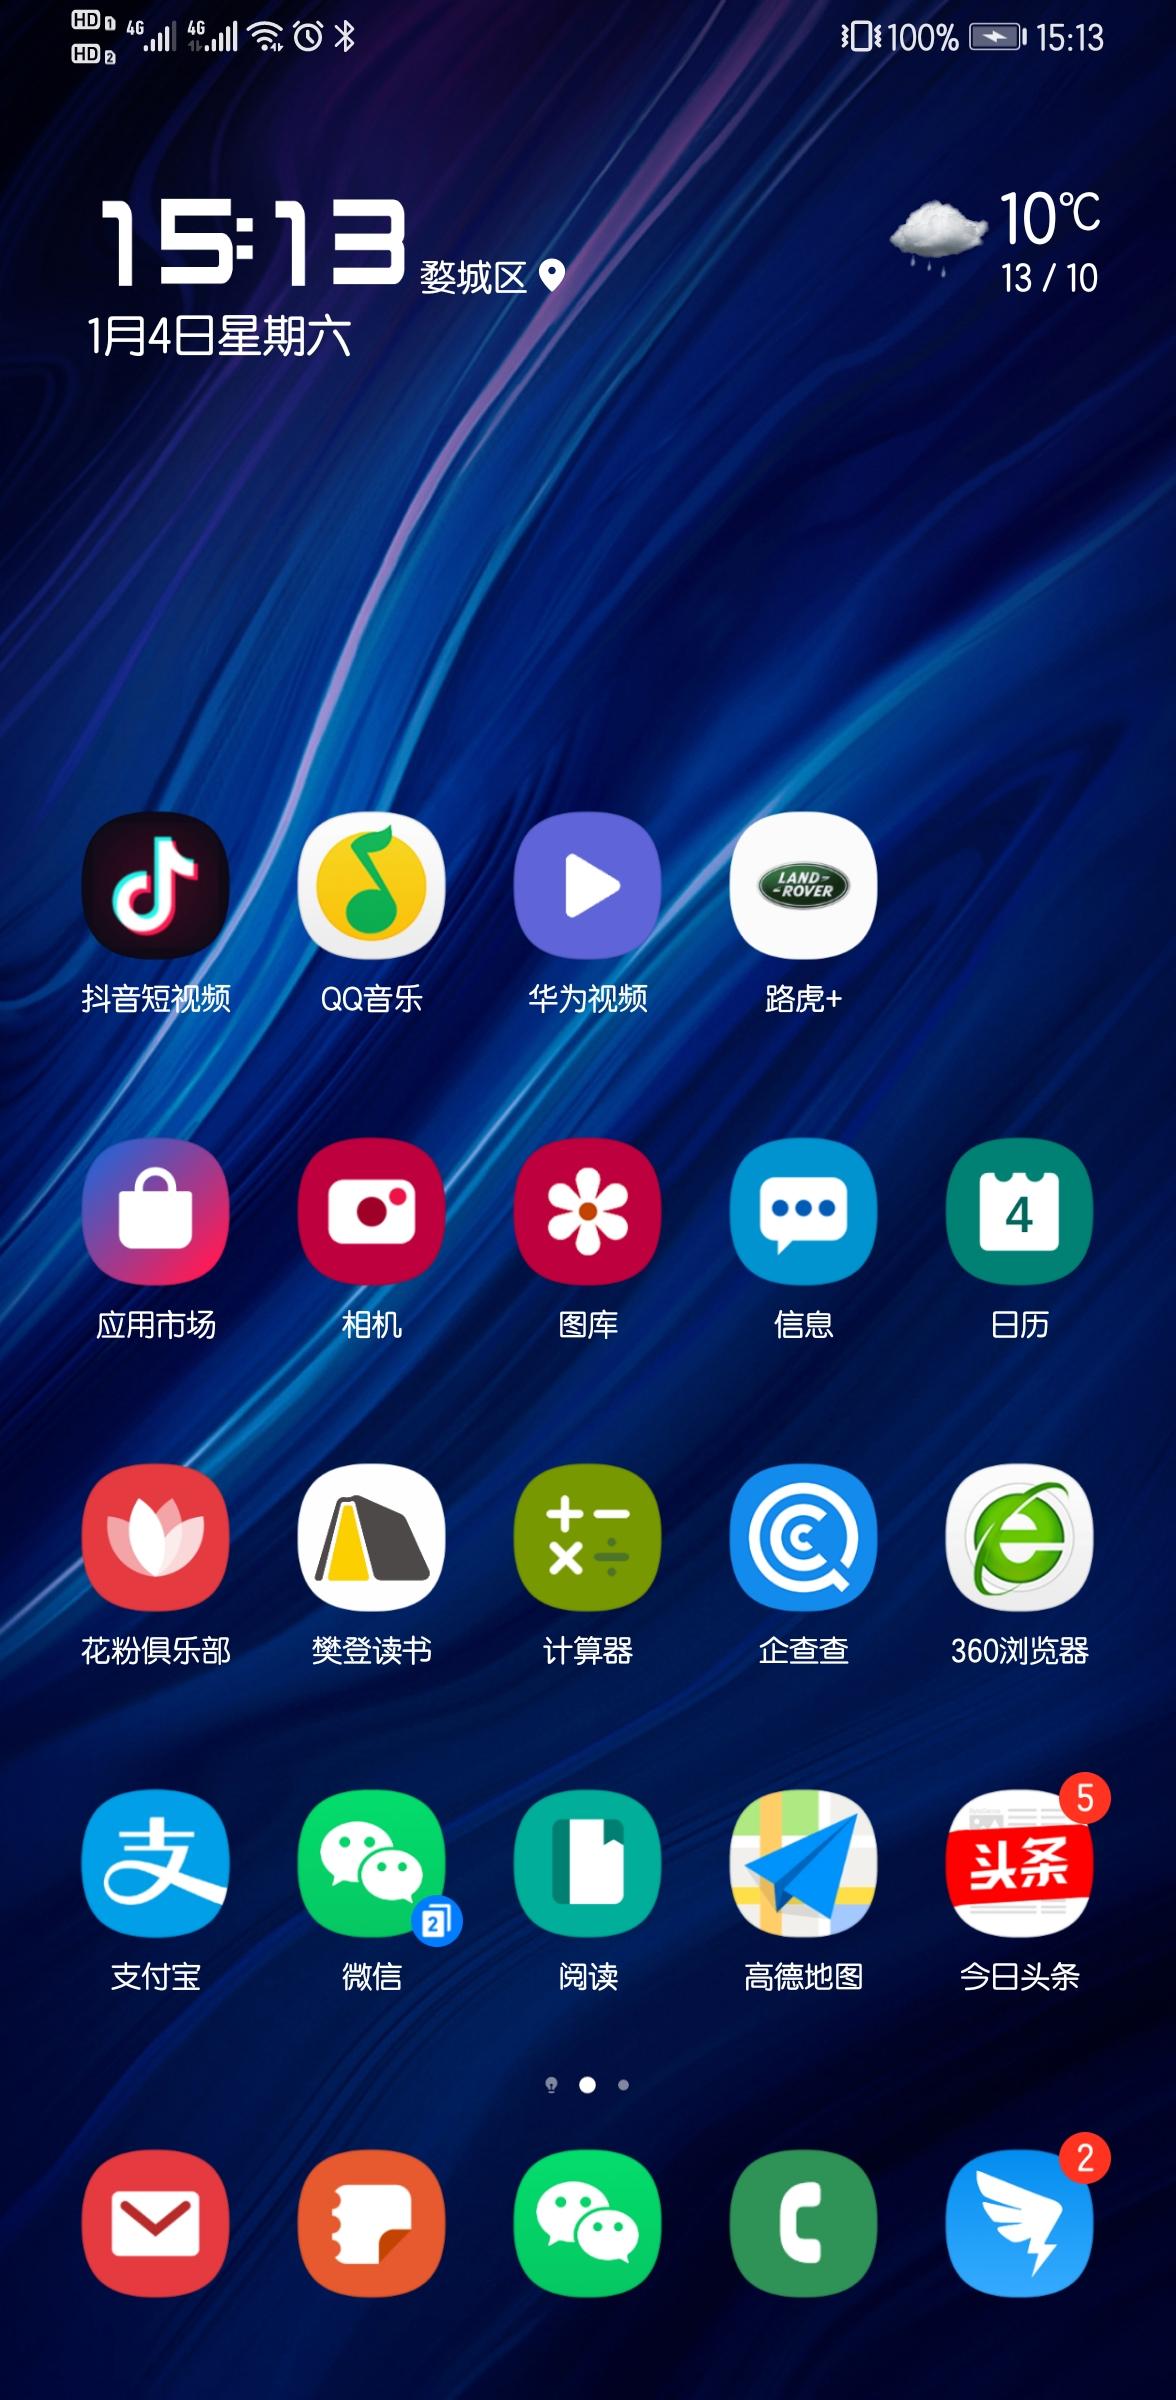 Screenshot_20200104_151347_com.huawei.android.launcher.jpg